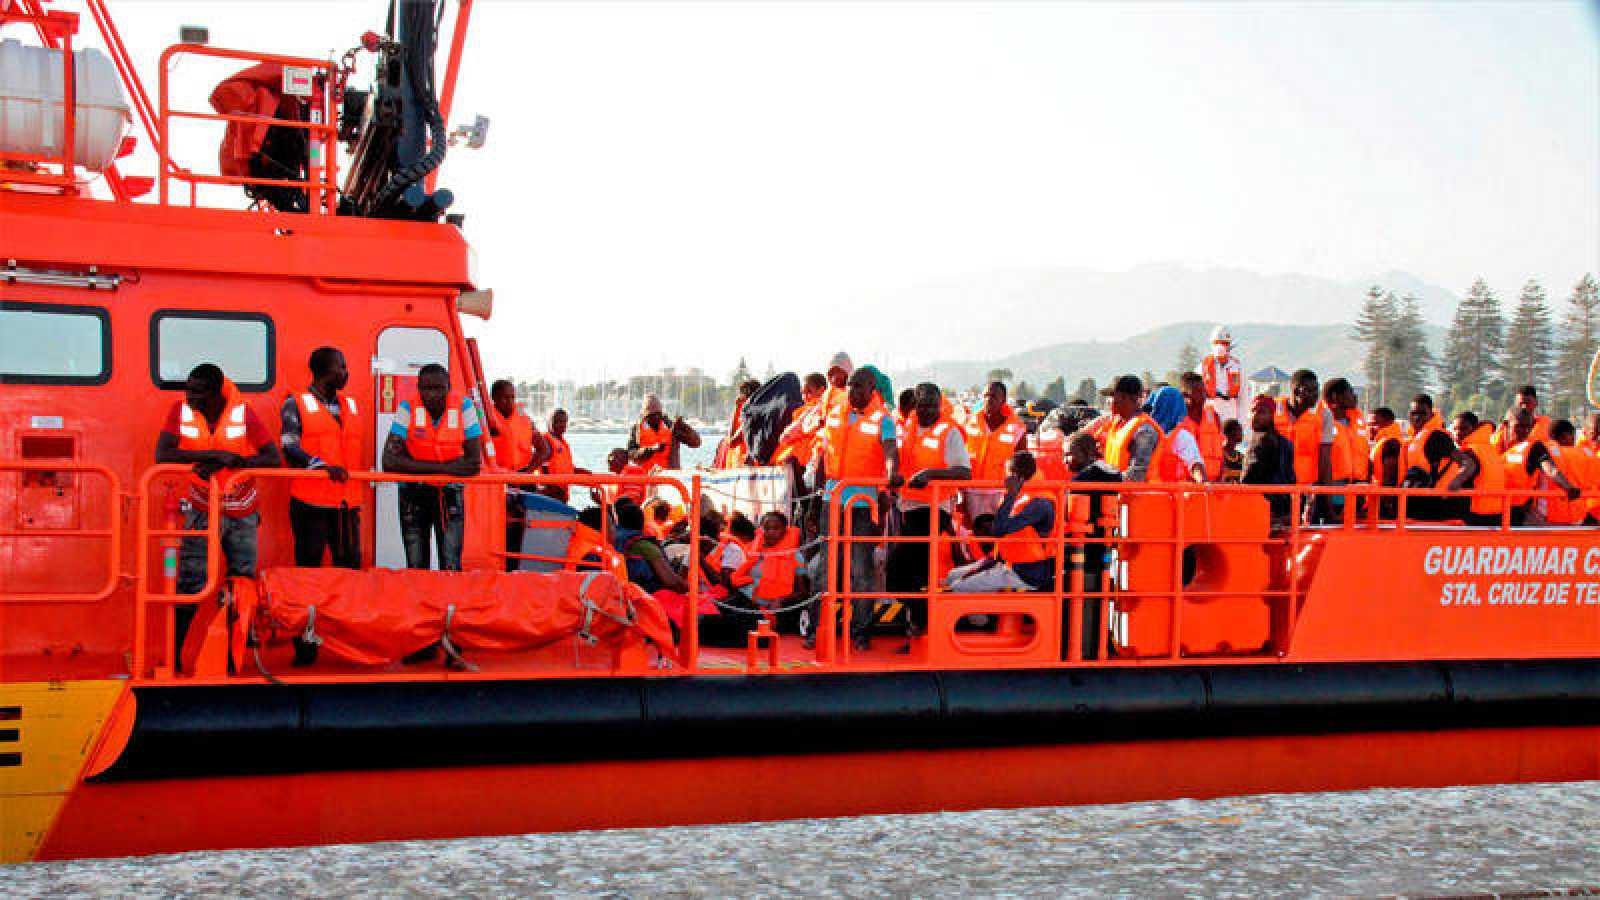 El barco Guardamar Caliope atraca en el Puerto de Motril (Granada) con los 241 inmigrantes, de ellos 50 mujeres y 10 menores, rescatados por Salvamento Marítimo cuando navegaban en 5 pateras en las cercanías de la isla de Alborán el 3 de septiembre